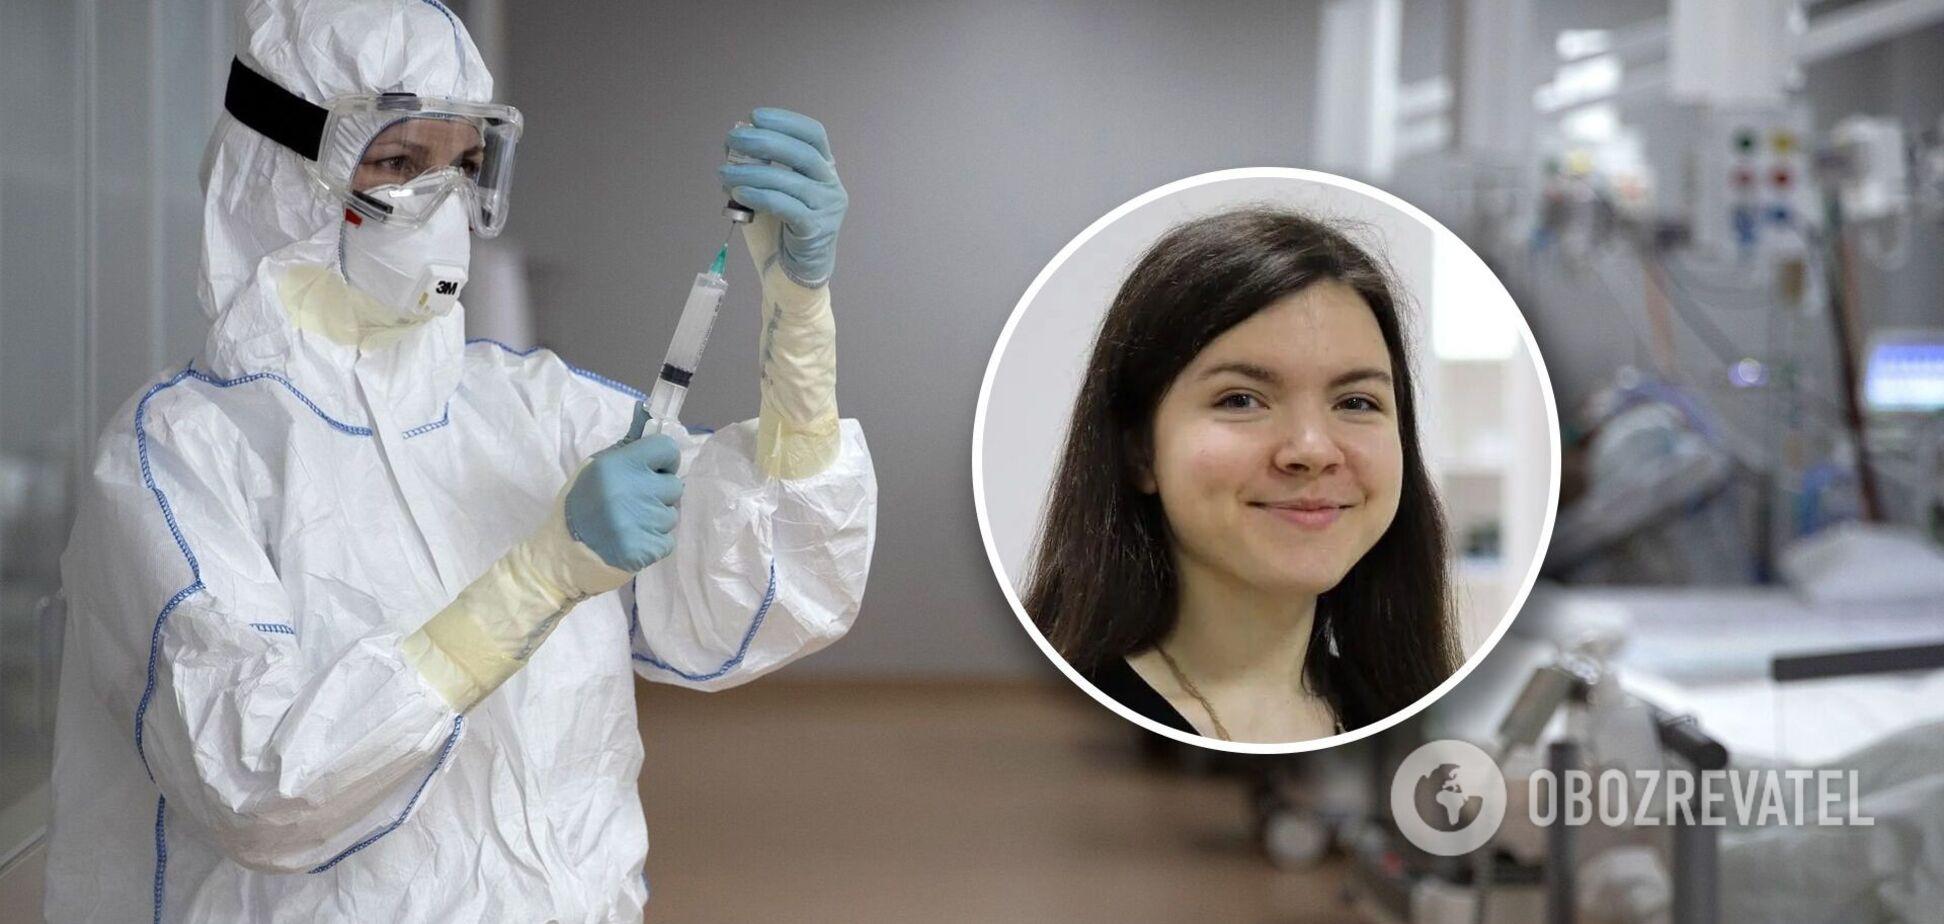 21-річна активістка Інна Волкова померла від рідкісного аутоімунного захворювання Гієна – Барре, спровокованого коронавірусом